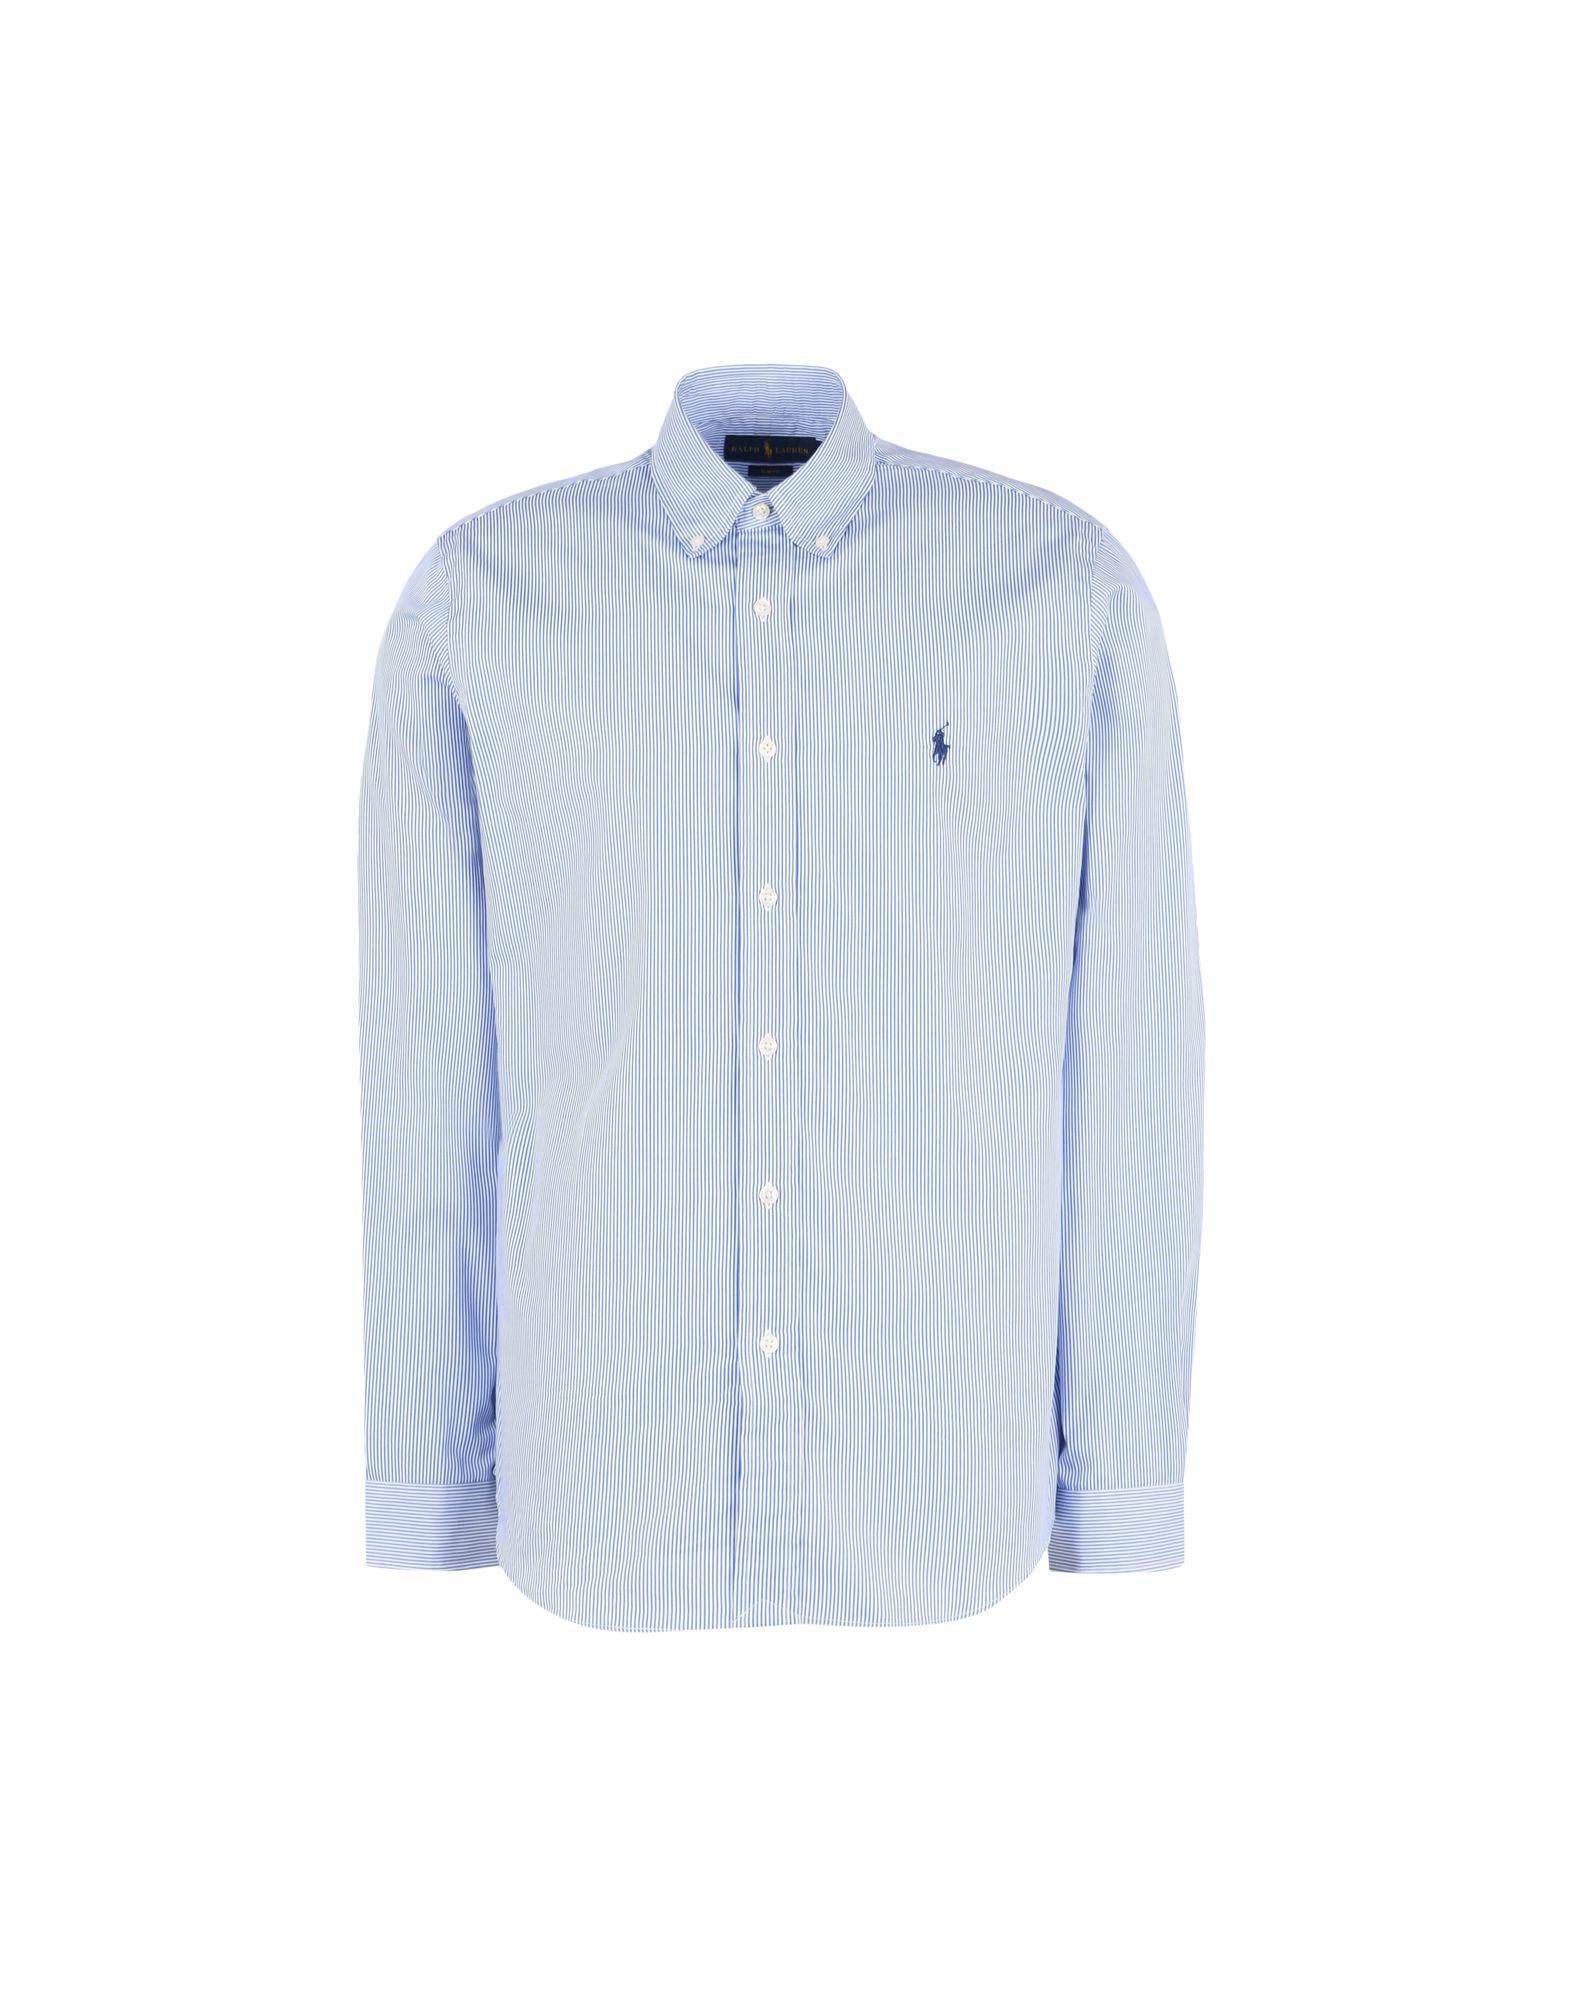 Camicia A Righe Polo Ralph Lauren Slim Fit Cotton Poplin Shirt - Uomo - Acquista online su